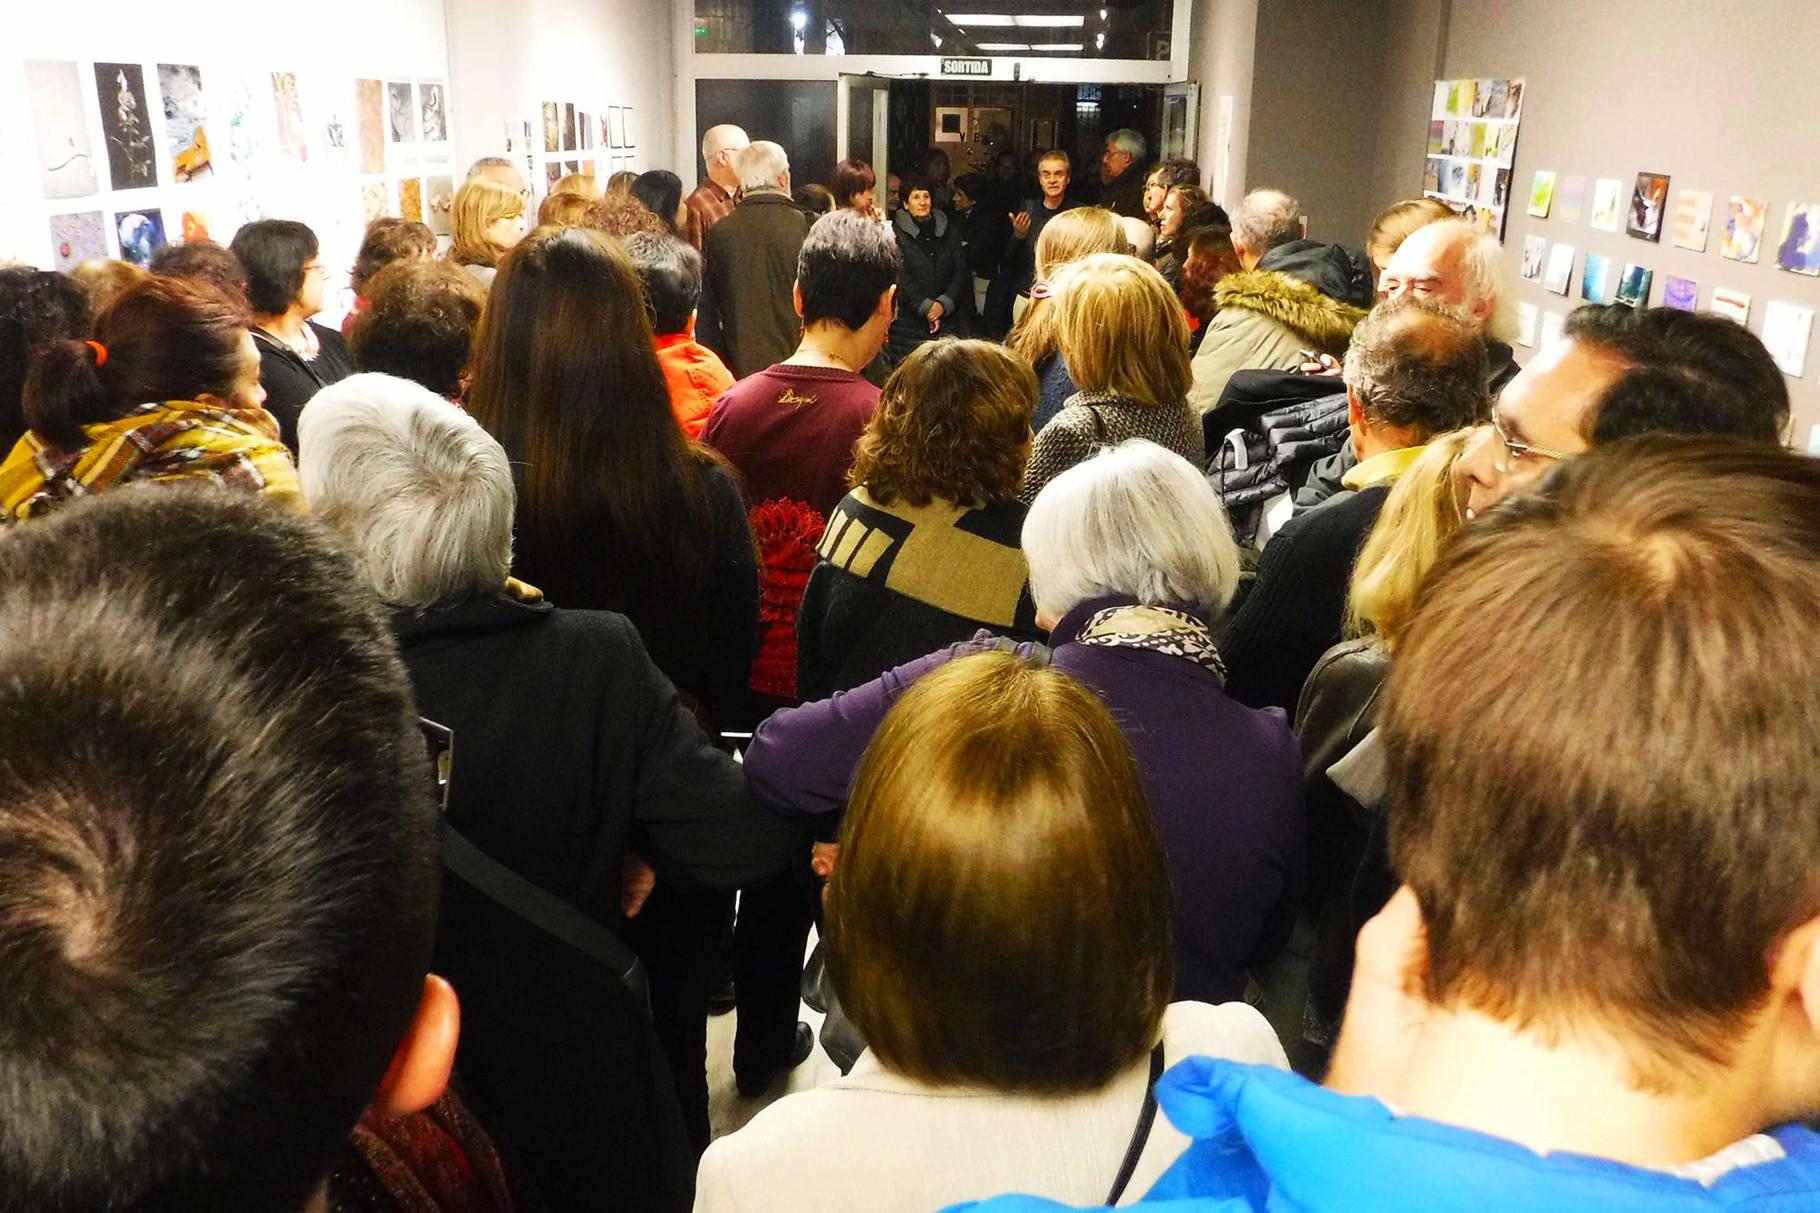 Pere Bruix, artista i curador, inaugurant l'exposició.